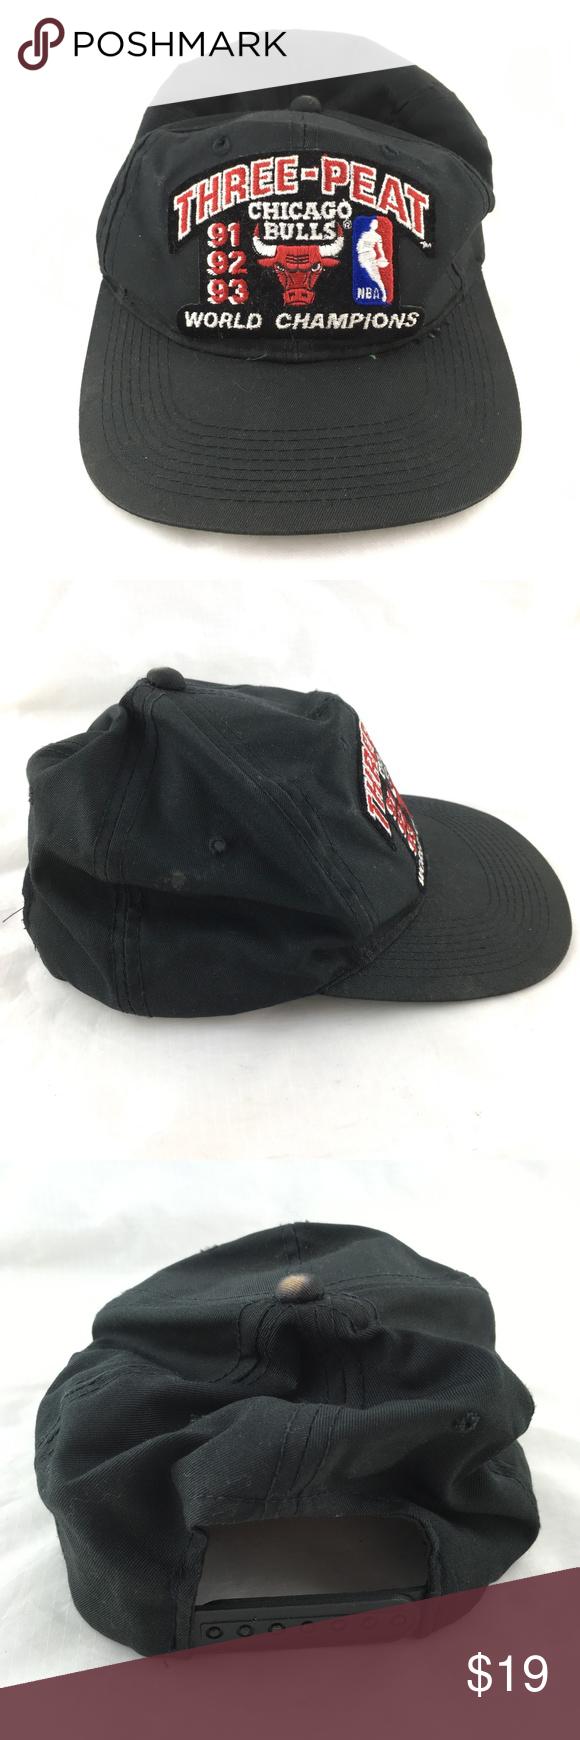 best website 3e8e4 5e8f7 Vintage 90s hat Chicago Bulls championship 1990s Vintage 90s baseball hat    cap, Chicago Bulls